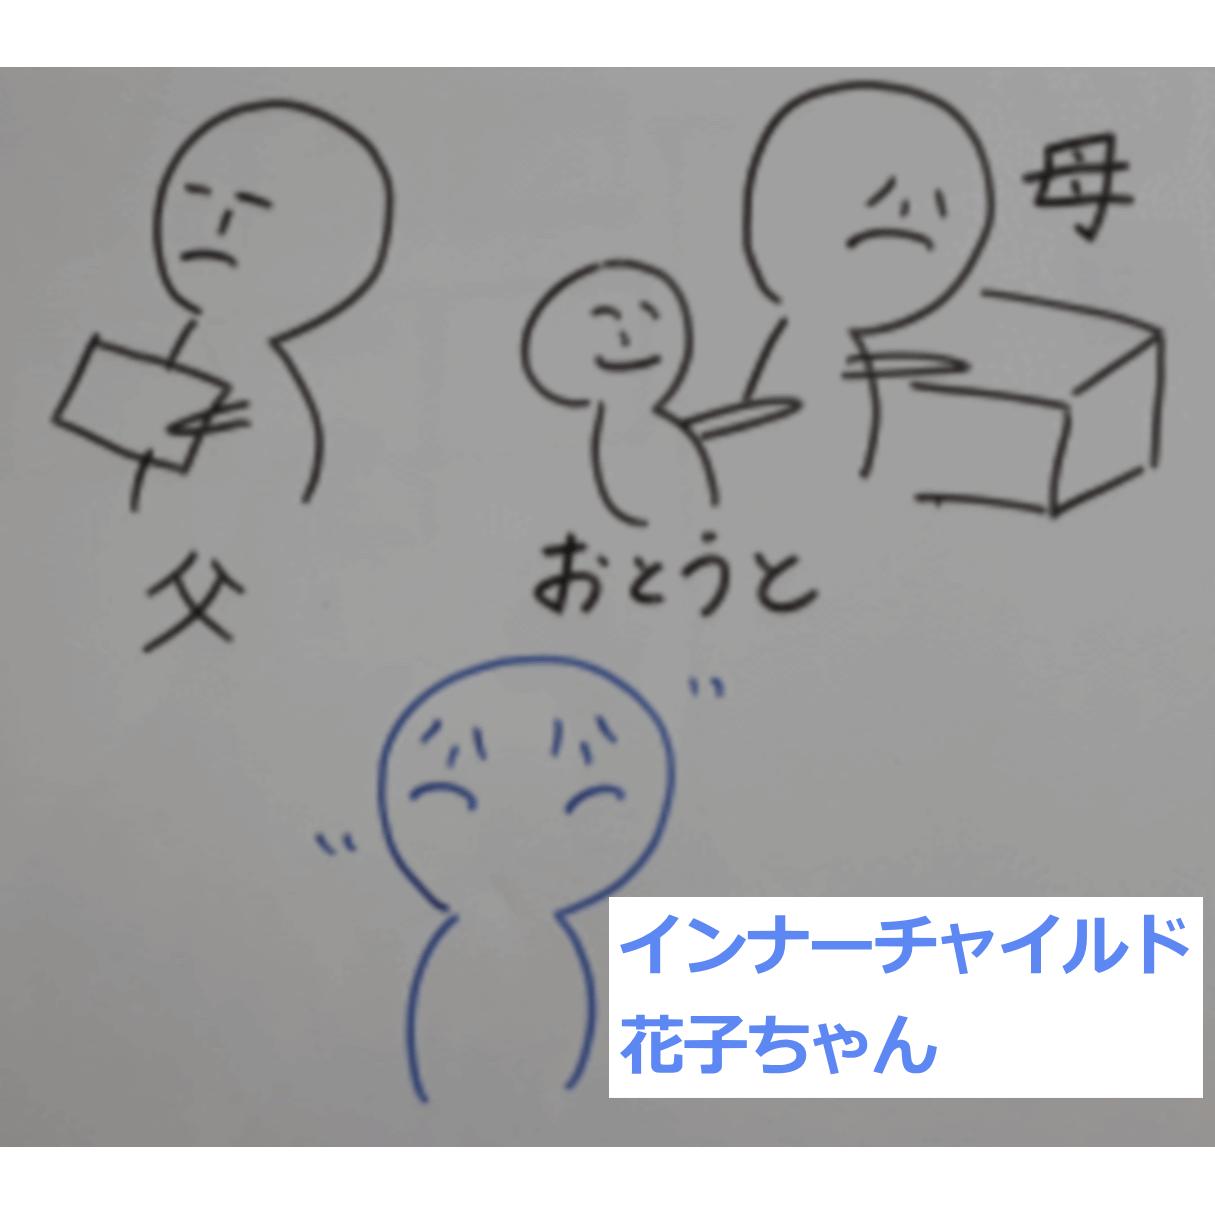 インナーチャイルド花子ちゃんの家族の様子を描いたホワイトボードのイラスト